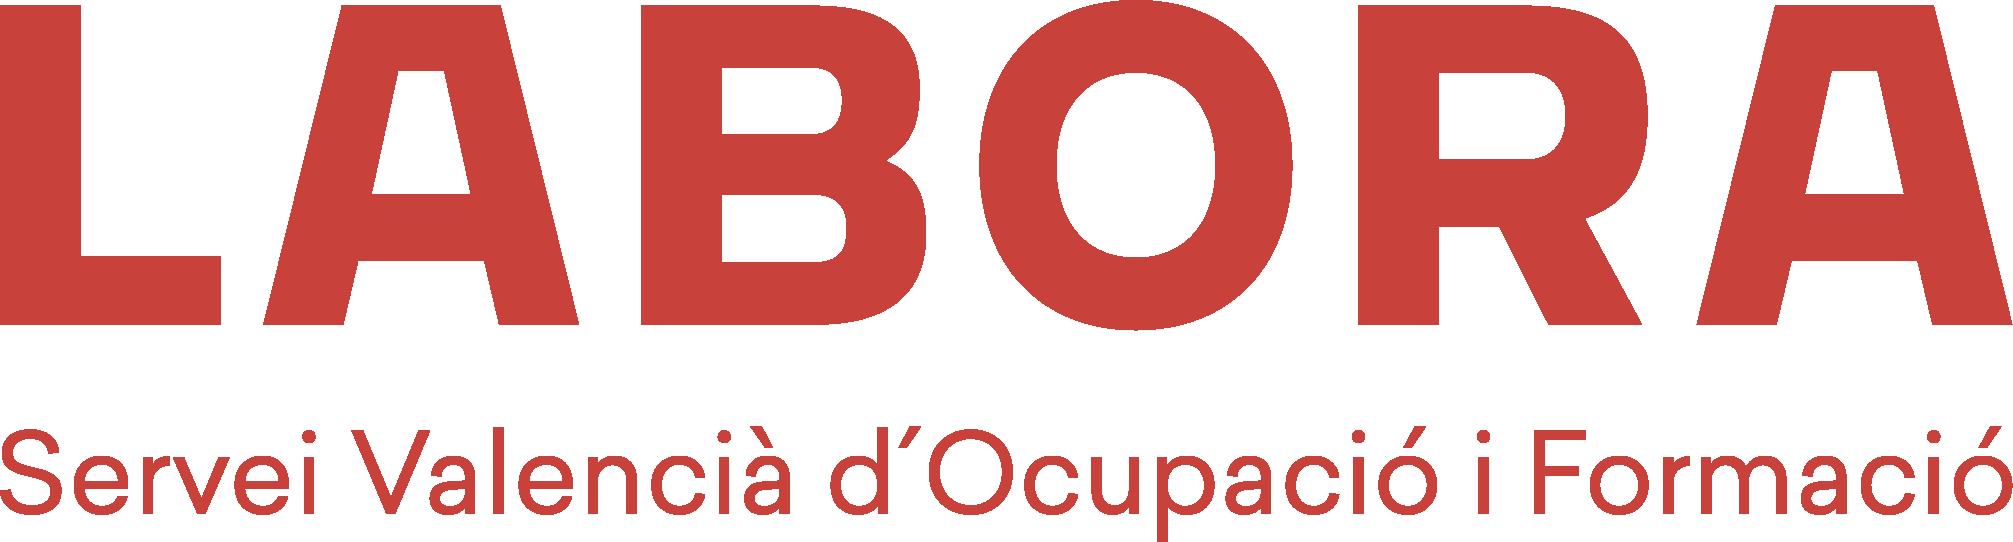 El Blog de LABORA Logo